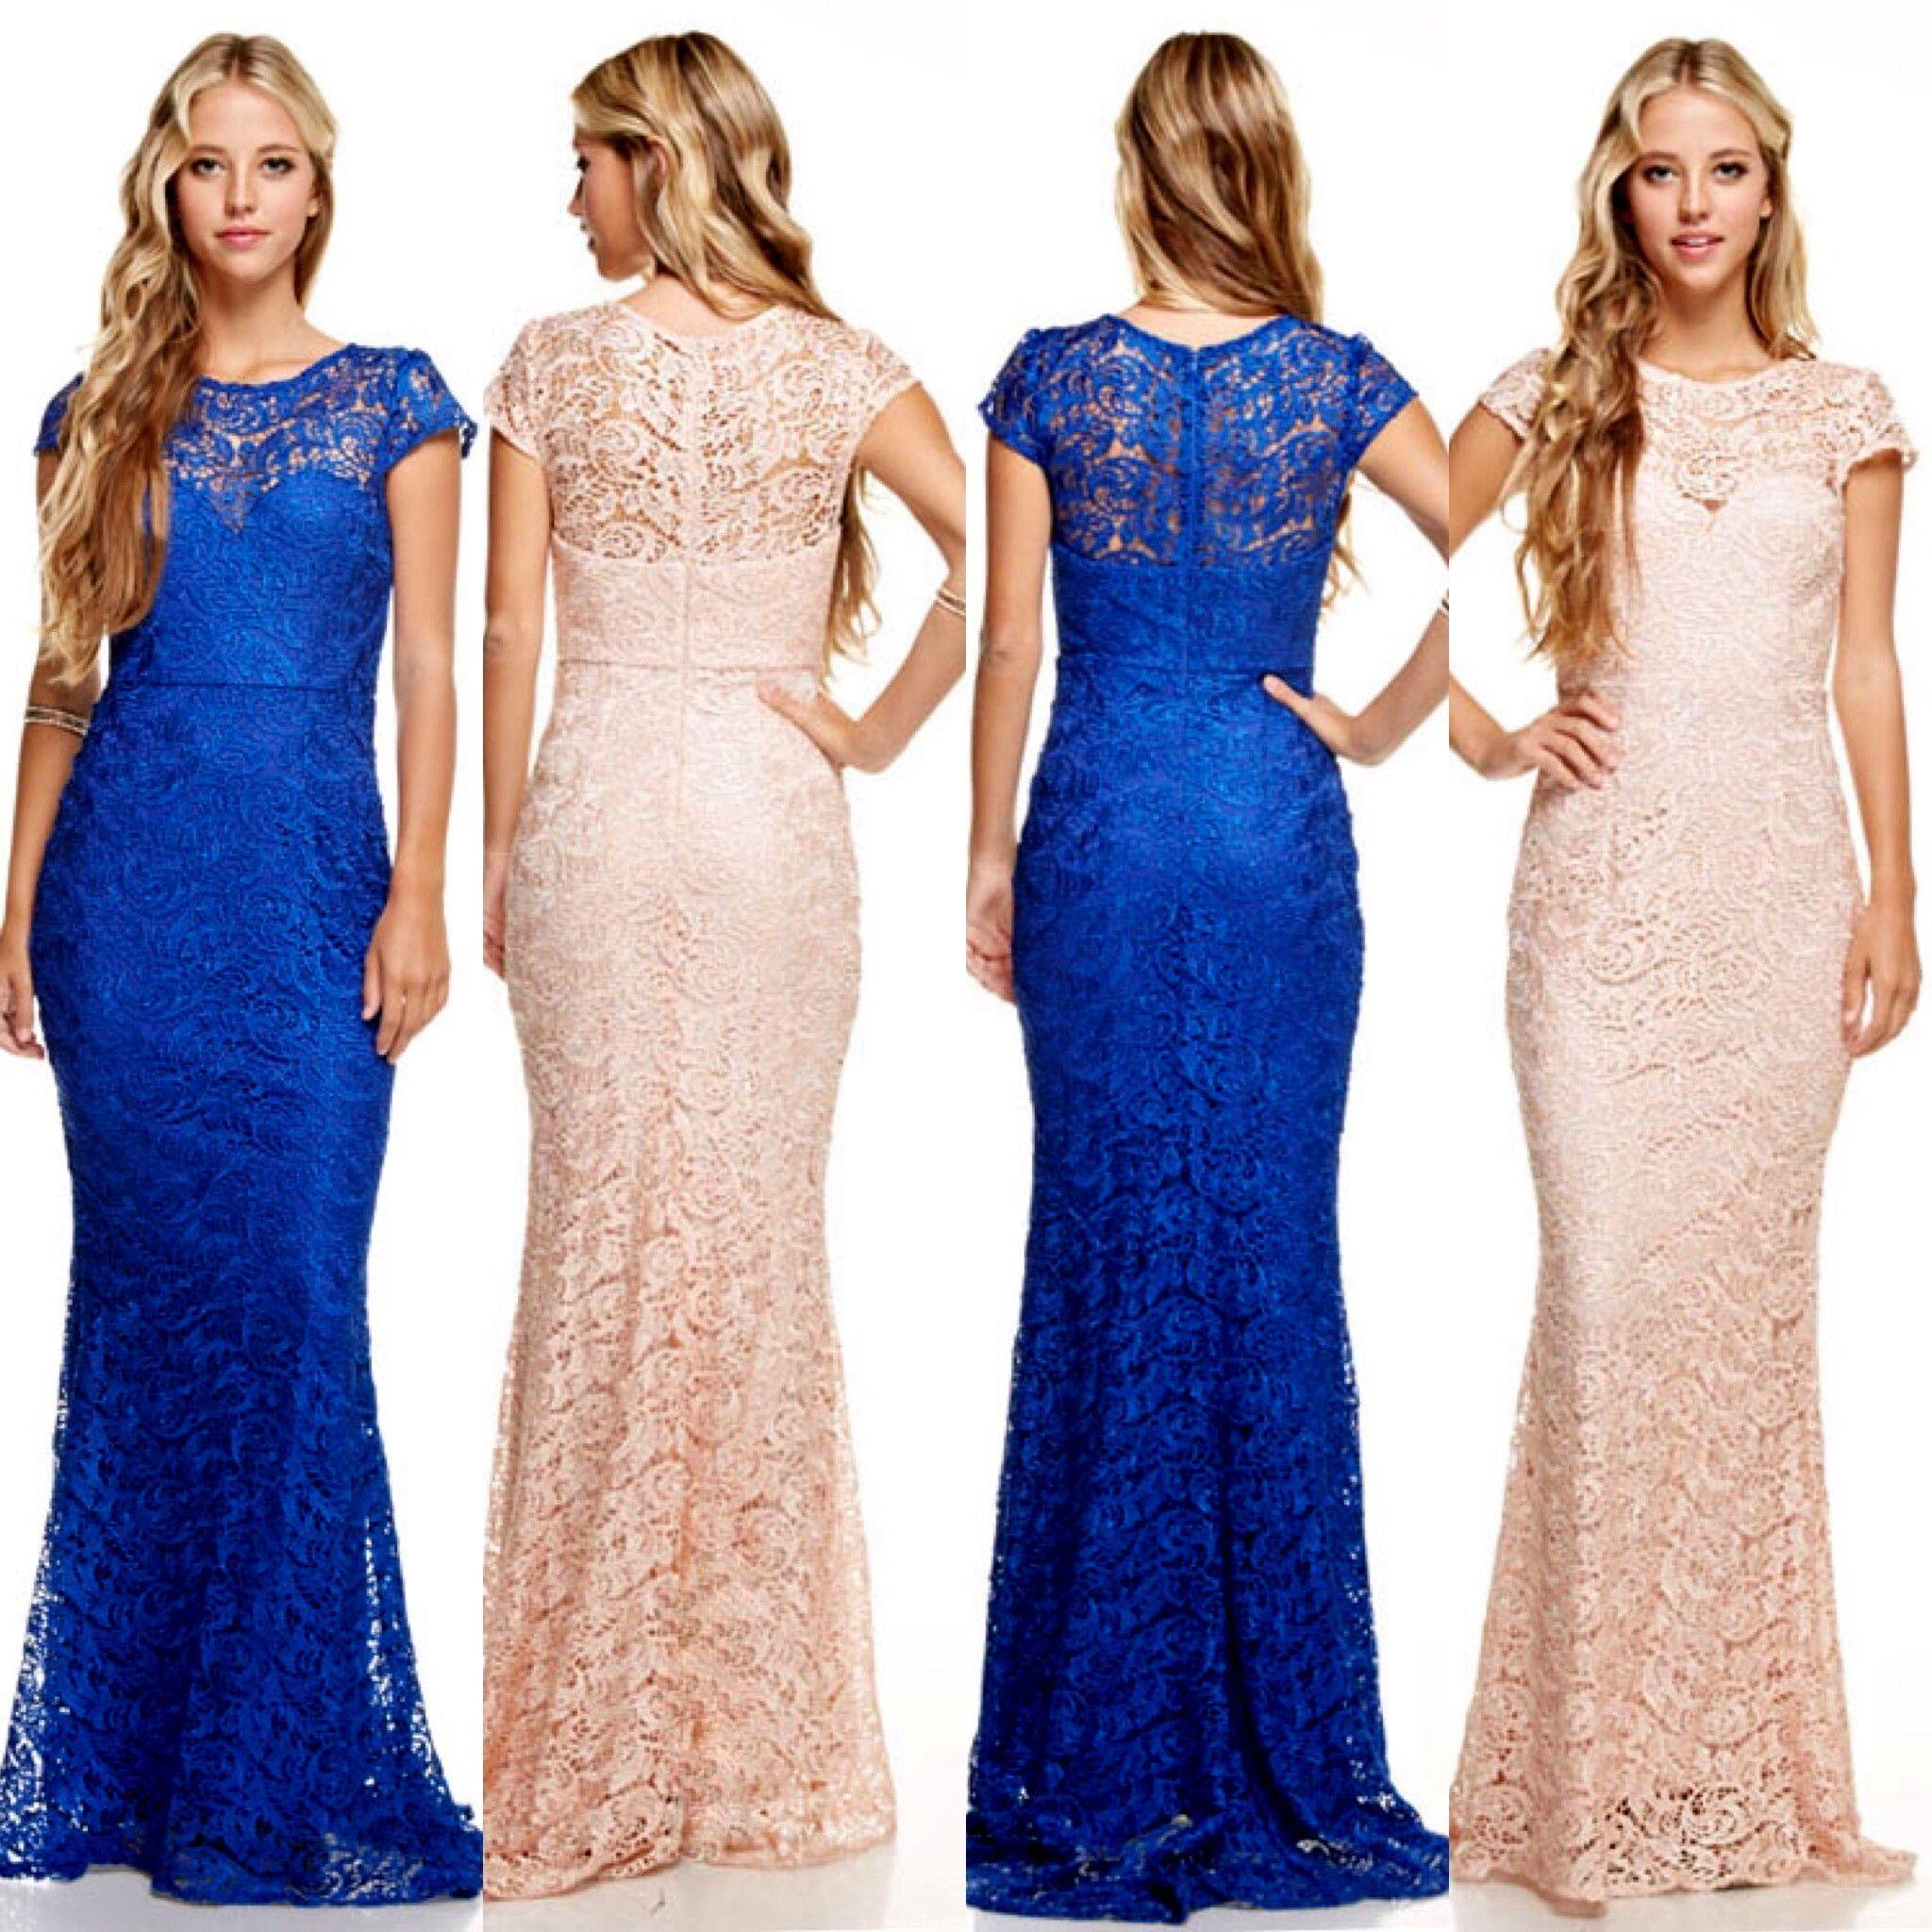 Affordable long lace Bridesmaid Dress Royal Blue and Blush